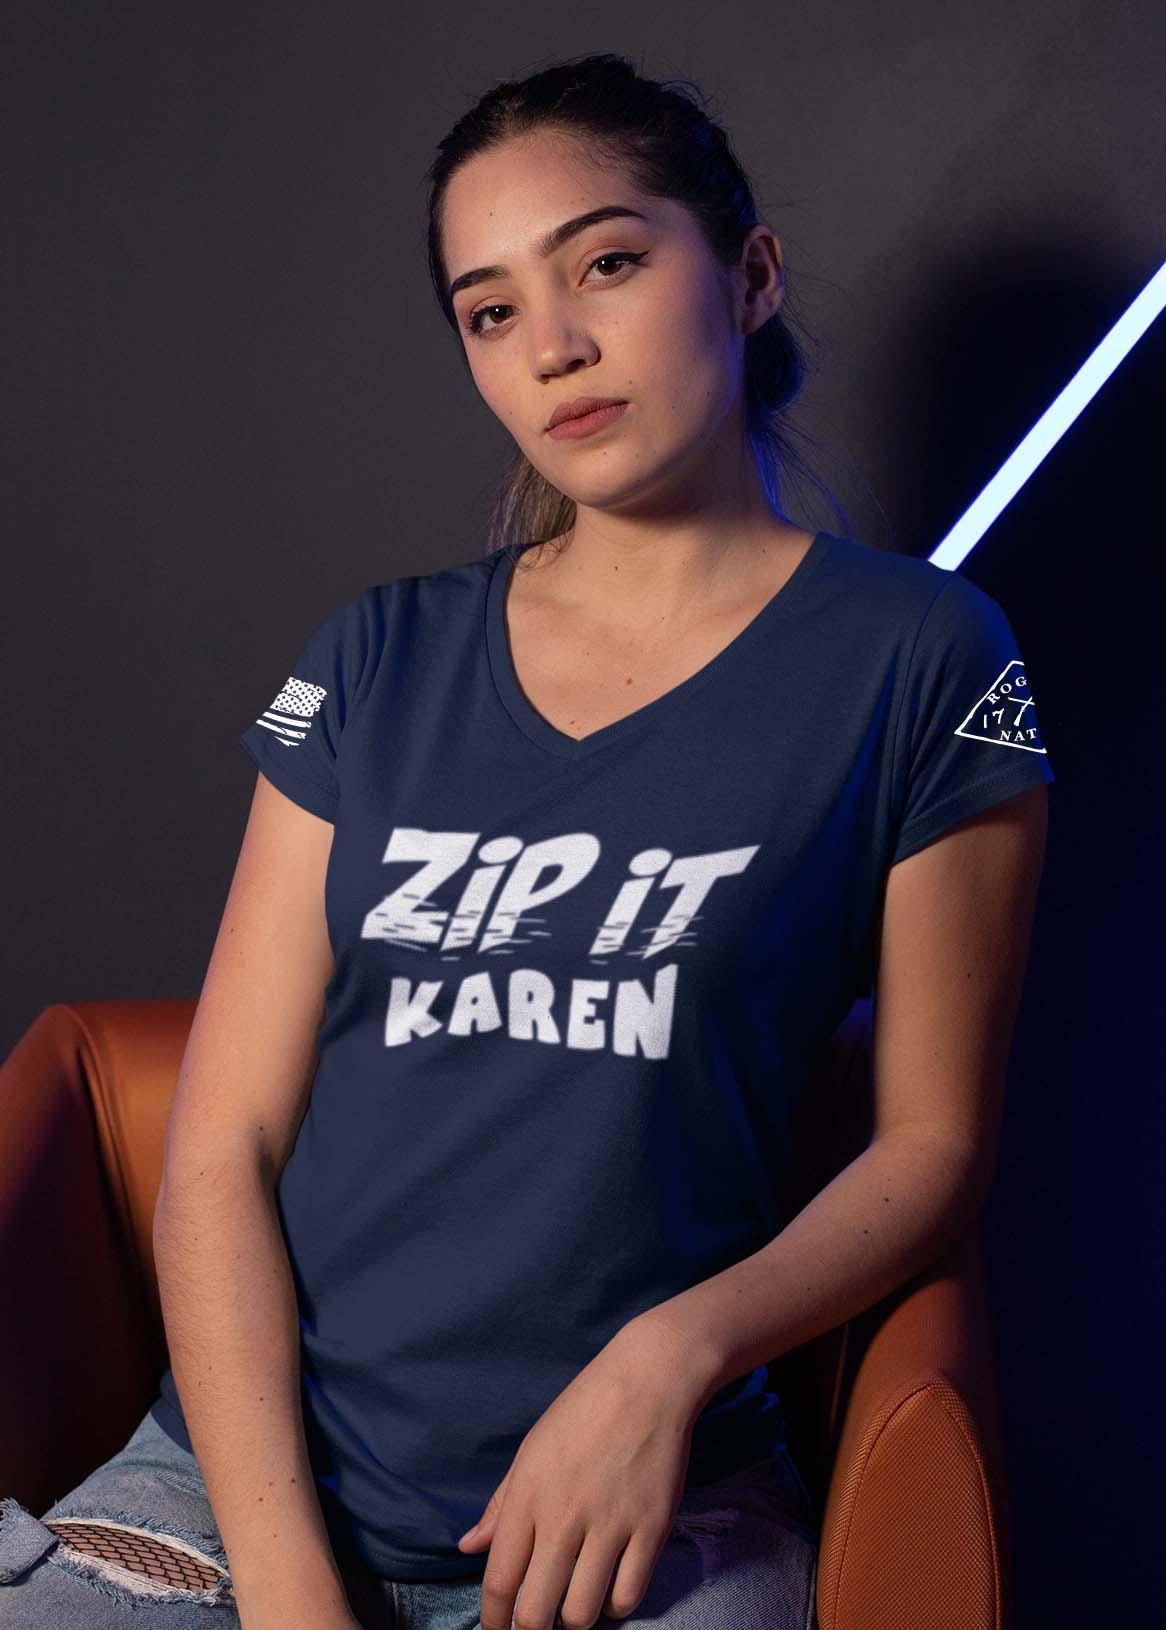 Zip It Karen in a Navy Blue Women's V-Neck